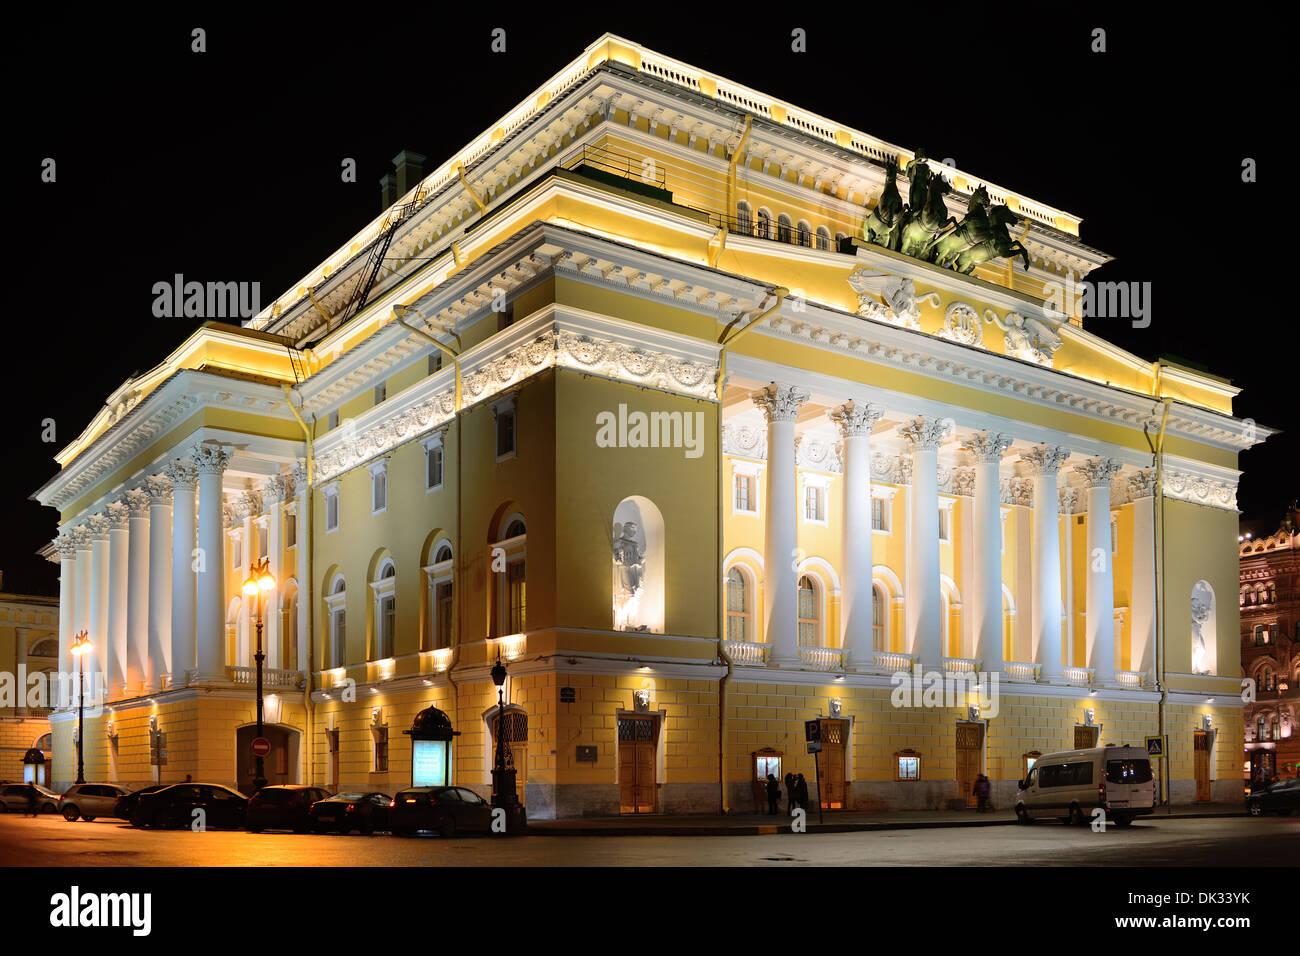 Alexandrinsky theatre, St. Petersburg, Russia - Stock Image